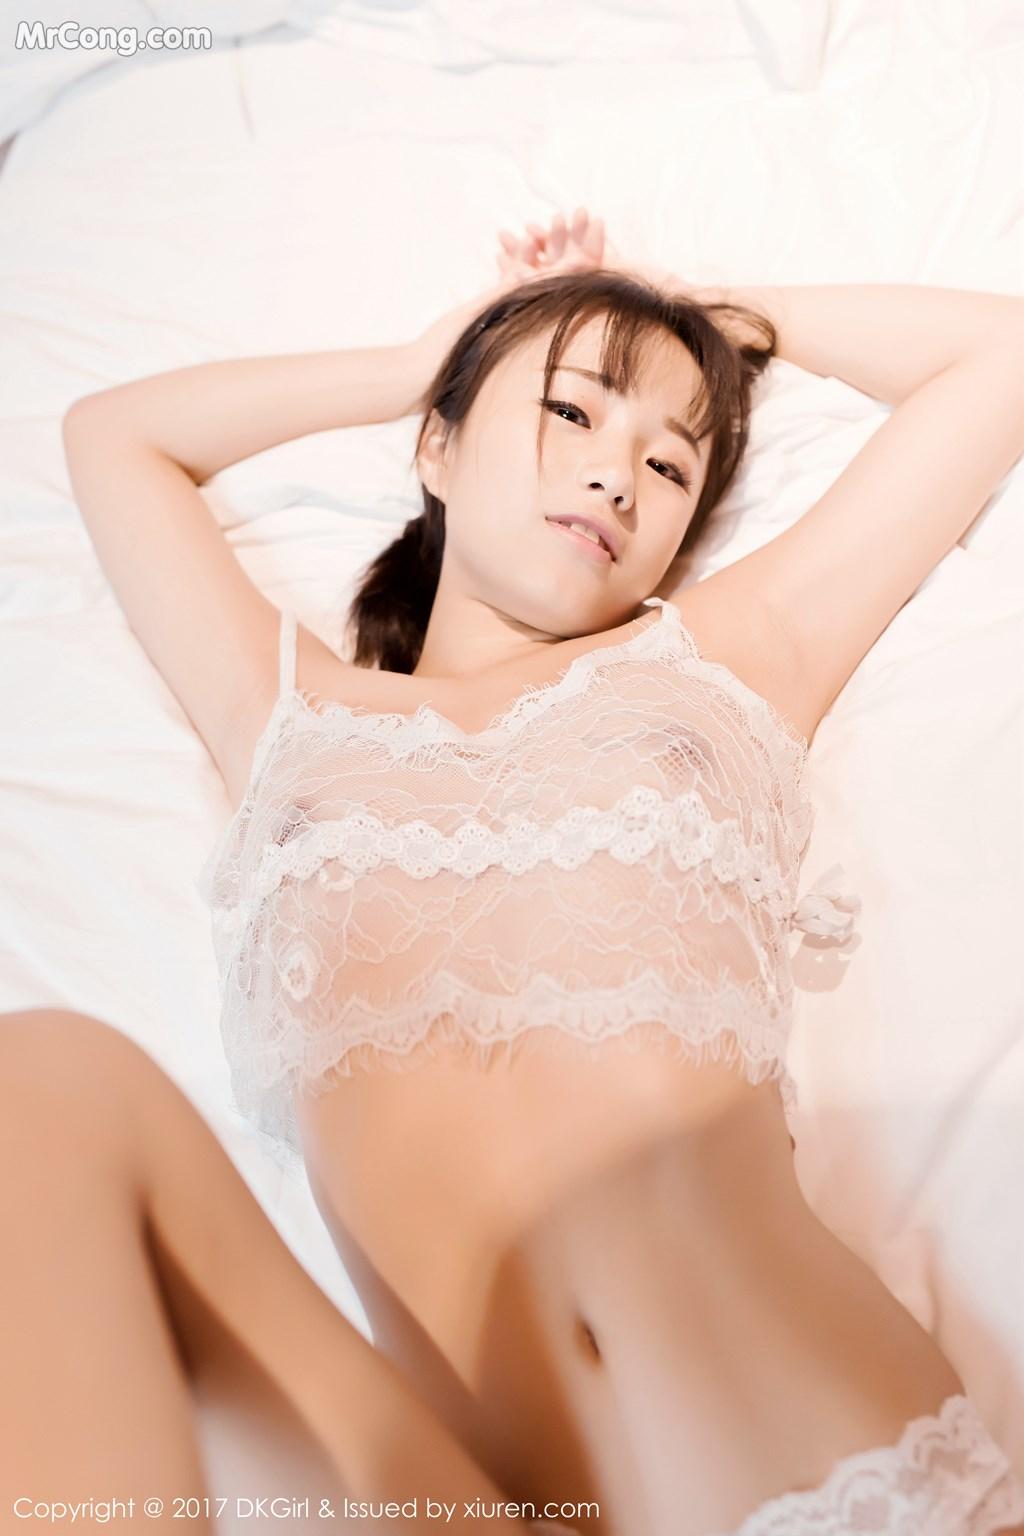 Image DKGirl-Vol.046-Cang-Jing-You-Xiang-MrCong.com-029 in post DKGirl Vol.046: Người mẫu Cang Jing You Xiang (仓井优香) (57 ảnh)